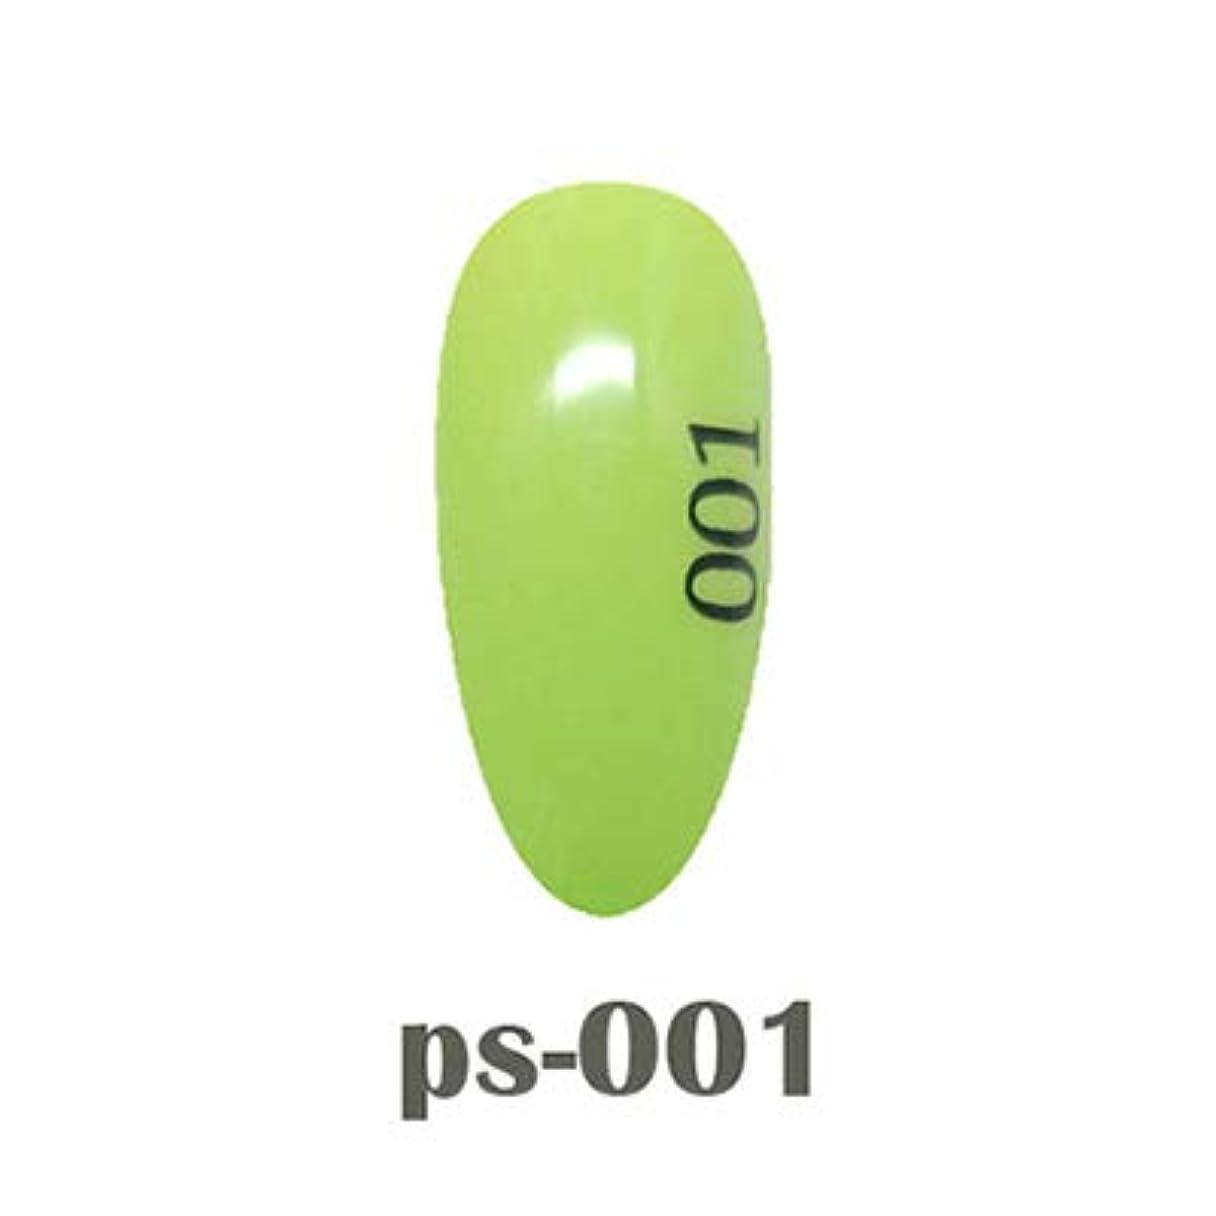 ファイル愛国的な保守的アイスジェル カラージェル ポイントパステルシリーズ PP-001 3g